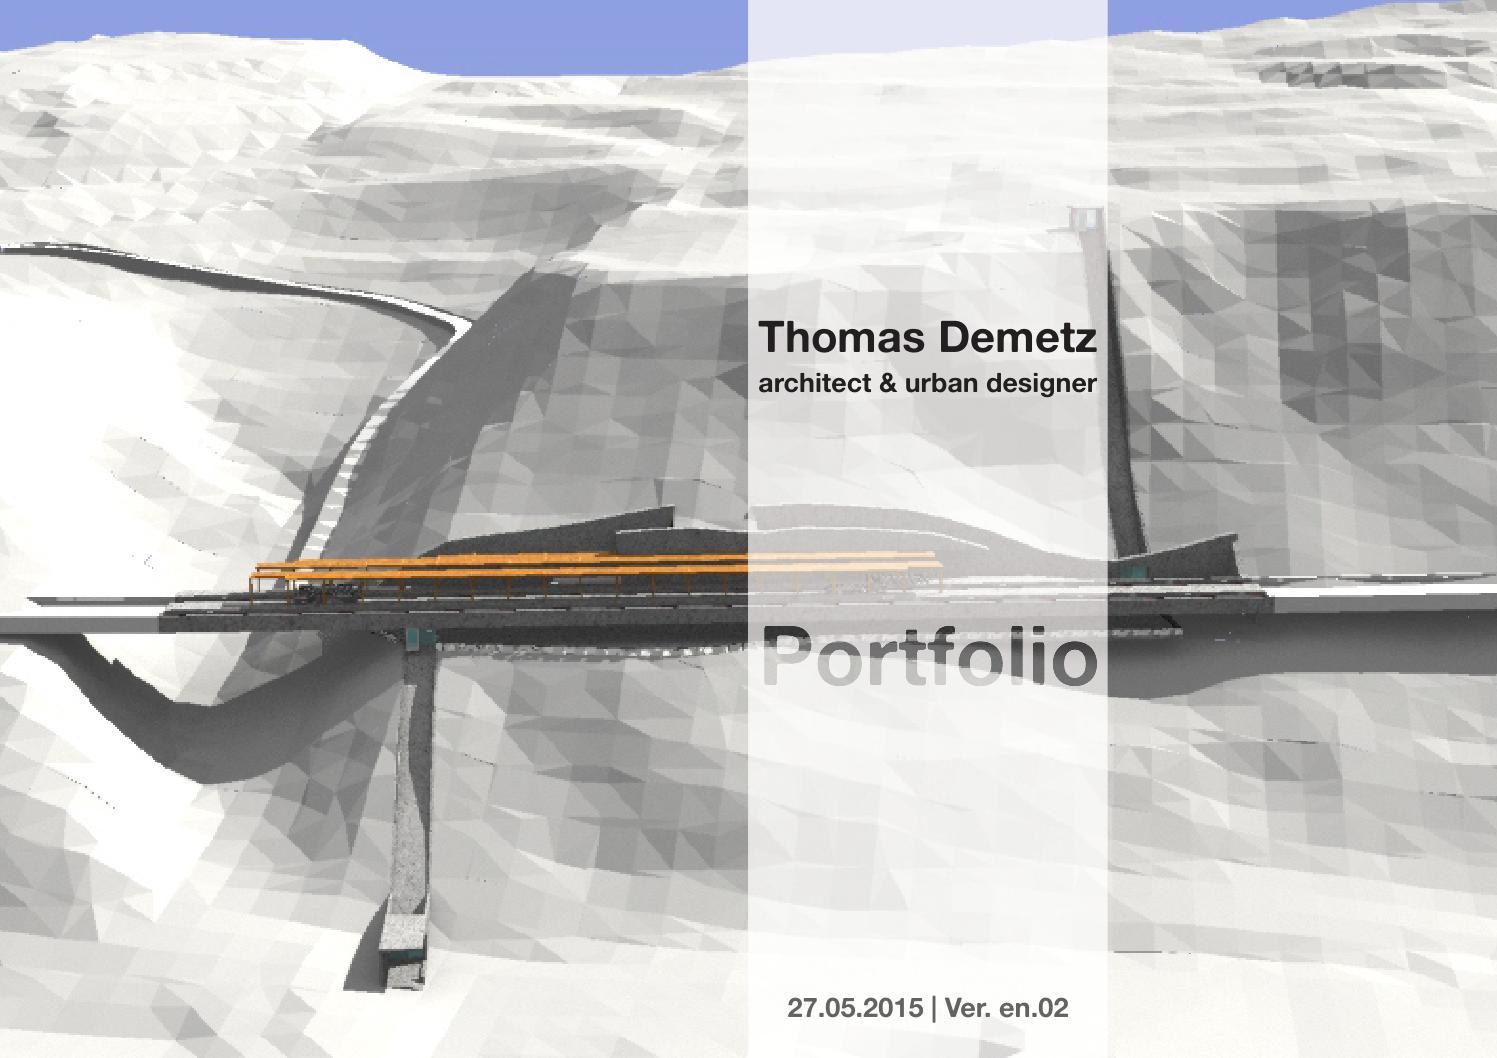 Thomas demetz architect portfolio by thomas demetz issuu for Architecture portfolio